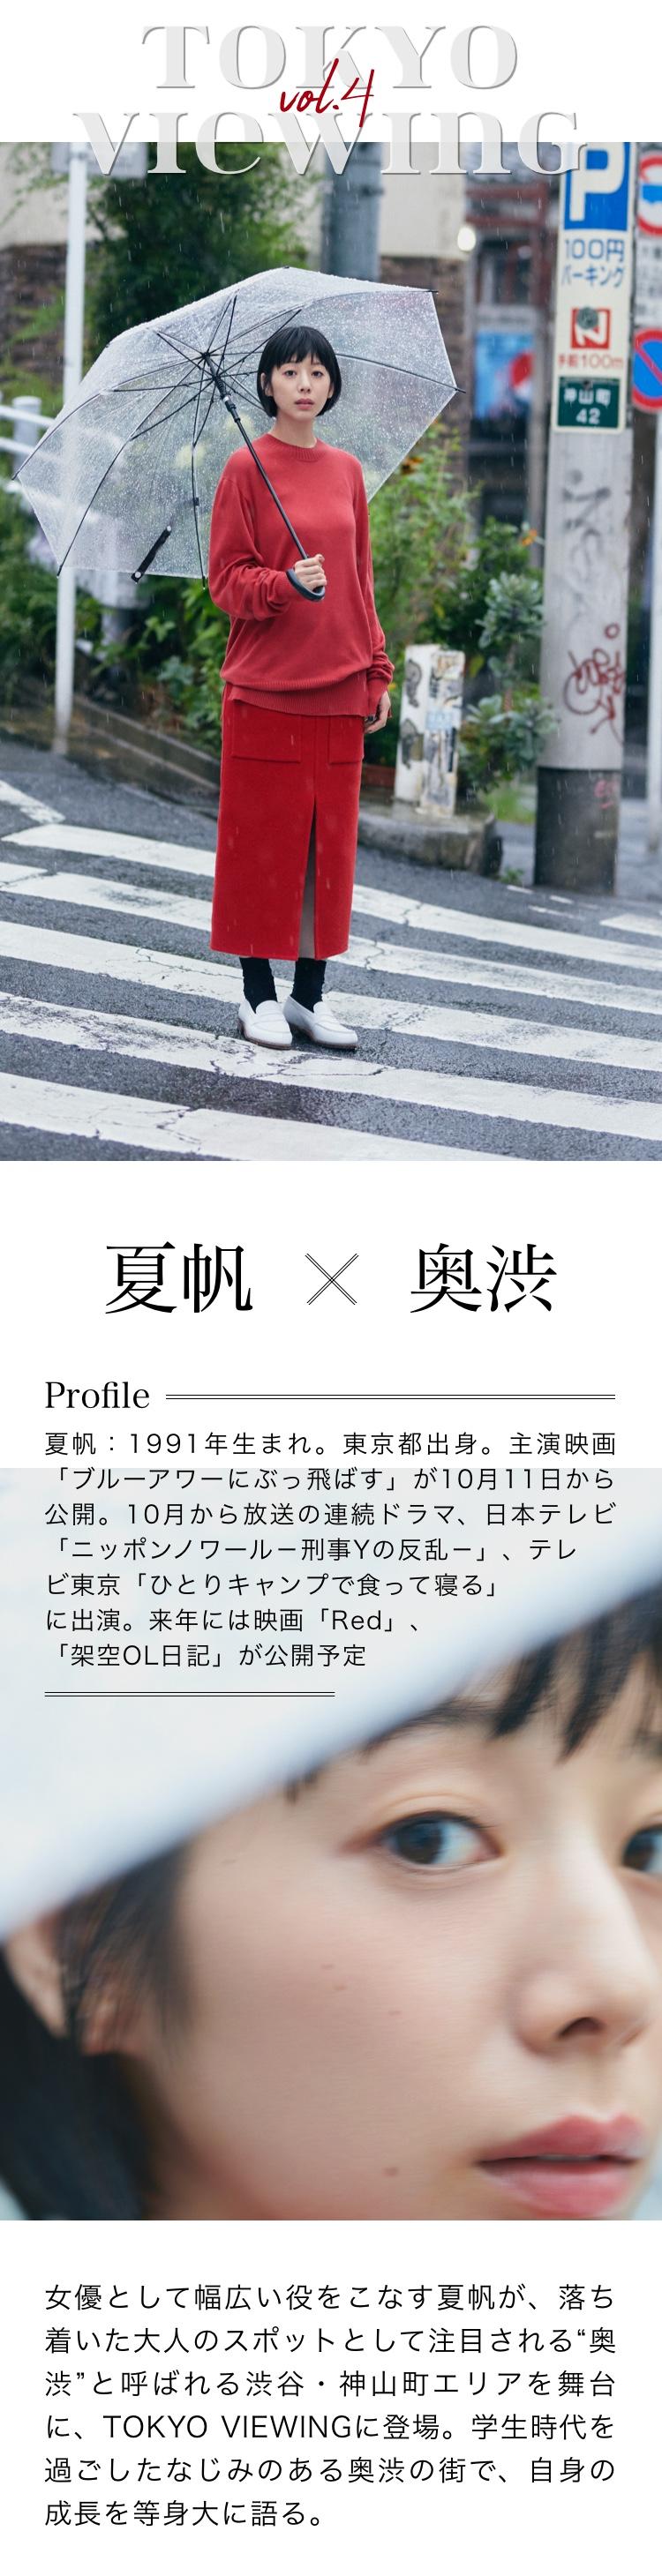 """夏帆×奥渋 Profile 夏帆:1991年生まれ。東京都出身。主演映画「ブルーアワーにぶっ飛ばす」が10月11日から公開予定。10月から放送の連続ドラマ、日本テレビ「ニッポンノワール-刑事Yの反乱-」、テレビ東京「ひとりキャンプで食って寝る」に出演。来年には映画「Red」、「架空OL日記」が公開される 女優として幅広い役をこなす夏帆が、落ち着いた大人のスポットとして注目される""""奥渋""""と呼ばれる渋谷・神山町エリアを舞台に、TOKYO VIEWINGに登場。学生時代を過ごしたなじみのある奥渋の街で、自身の成長を等身大に語る。"""